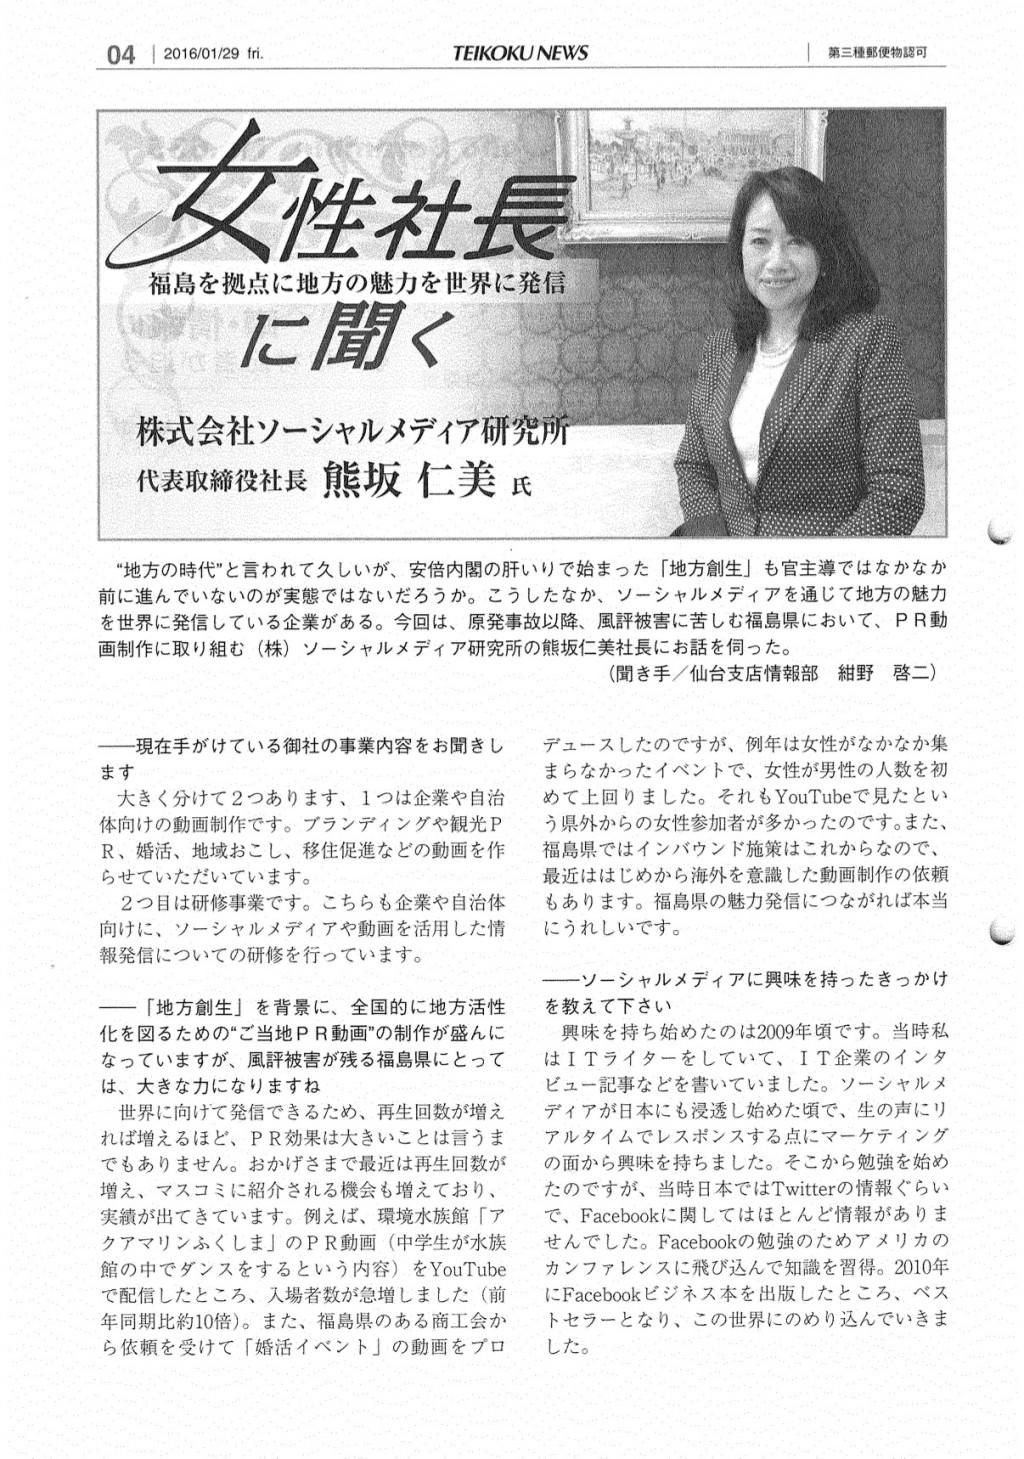 日刊帝国ニュース掲載0201_8-1024x1459